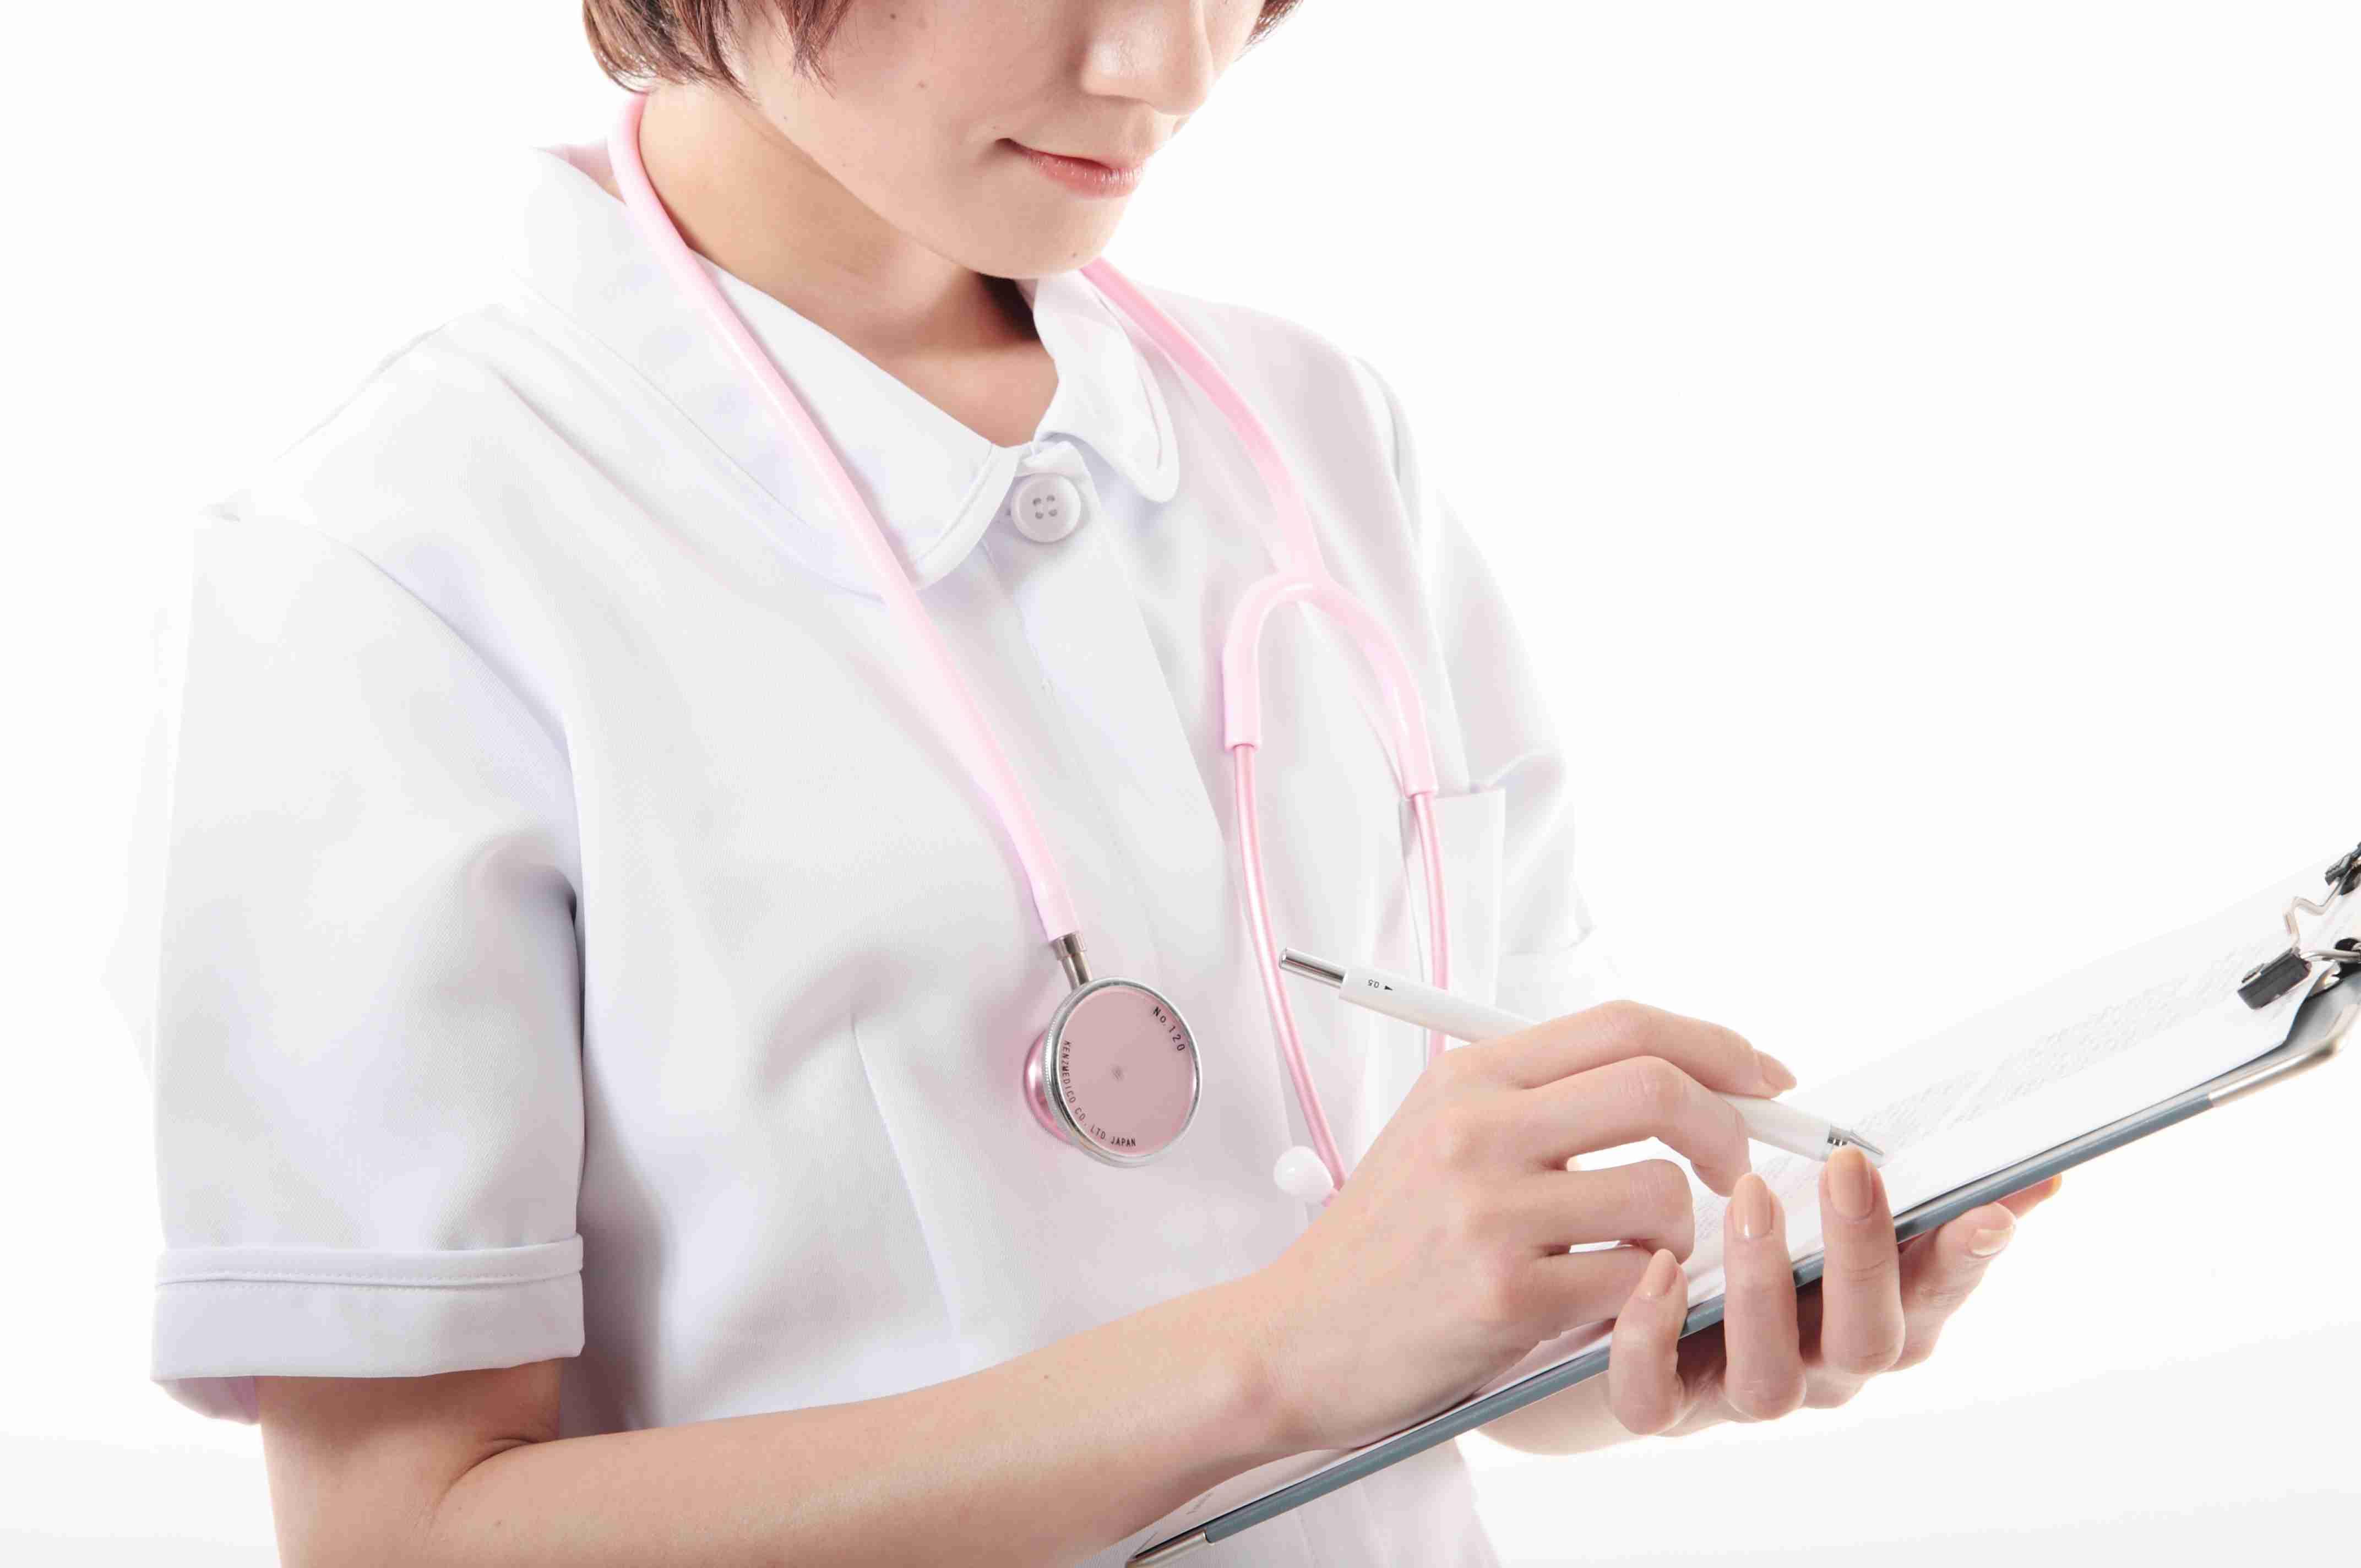 看護師試験、突然難しくなった 「くたばれ厚労省」受験生不満爆発